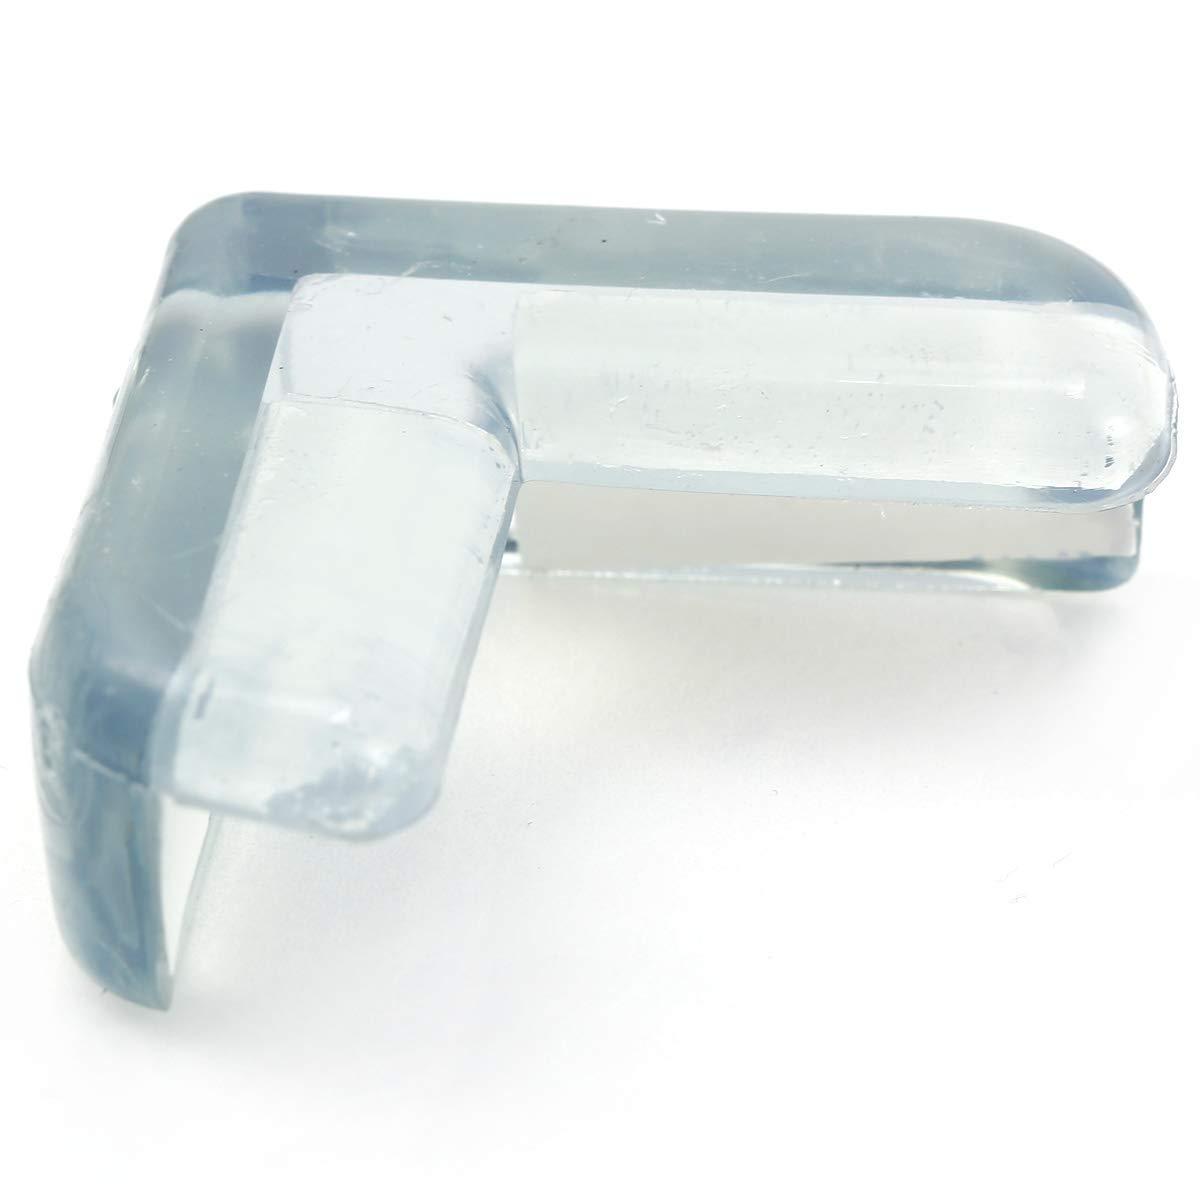 Anladia Silikon Tisch Eckenschutz Kantenschutz Eckschutz Glastisch Kindersicherung Kinder Baby Schutz Sicherungspuffer Sto/ßschutz